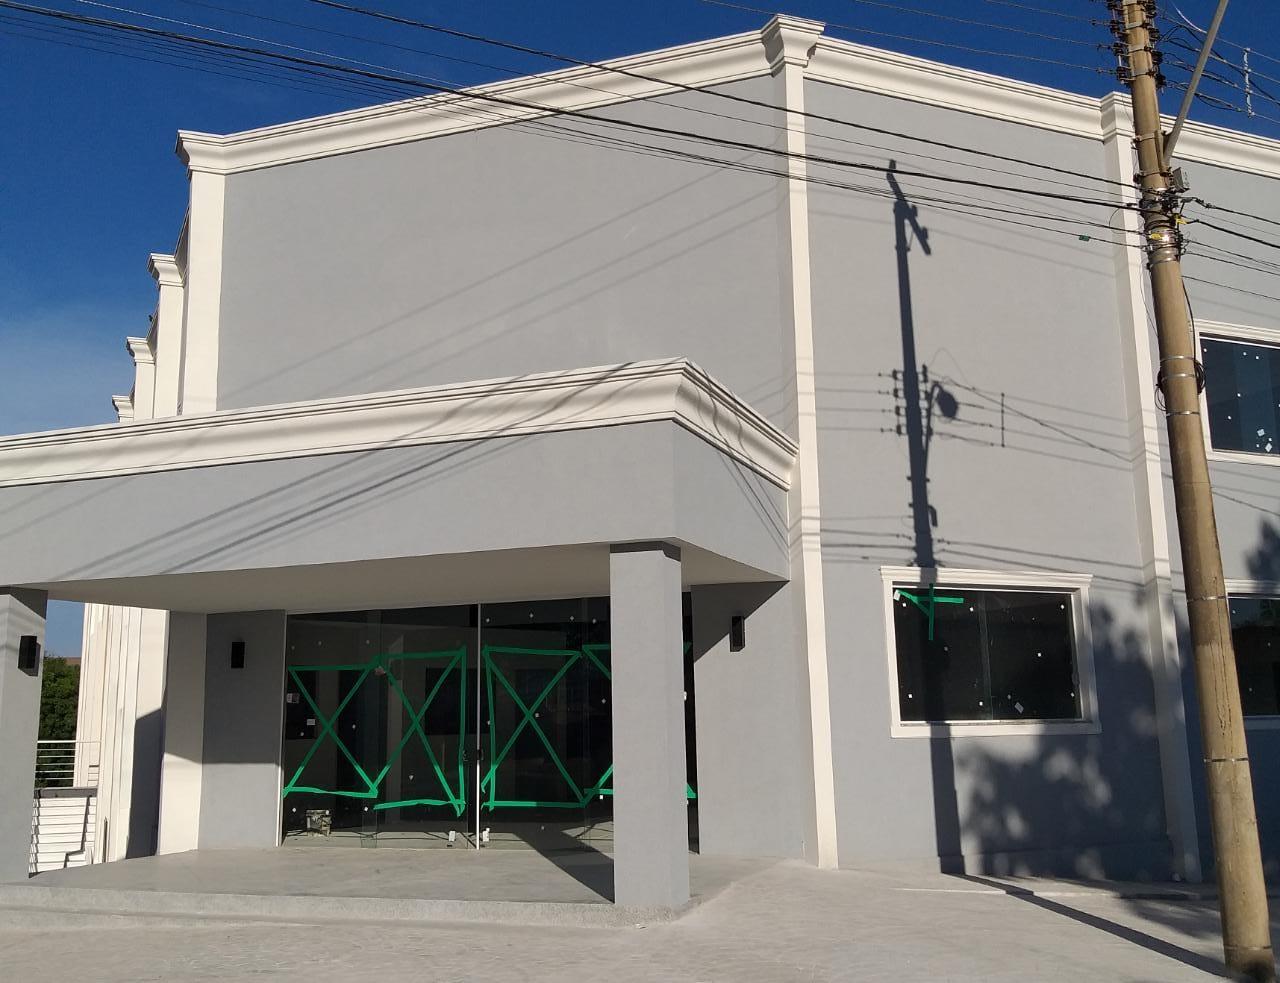 Vereadores aprovam requerimentos e Projeto de Decreto Legislativo sobre aluguel do prédio para abrigar setores da prefeitura